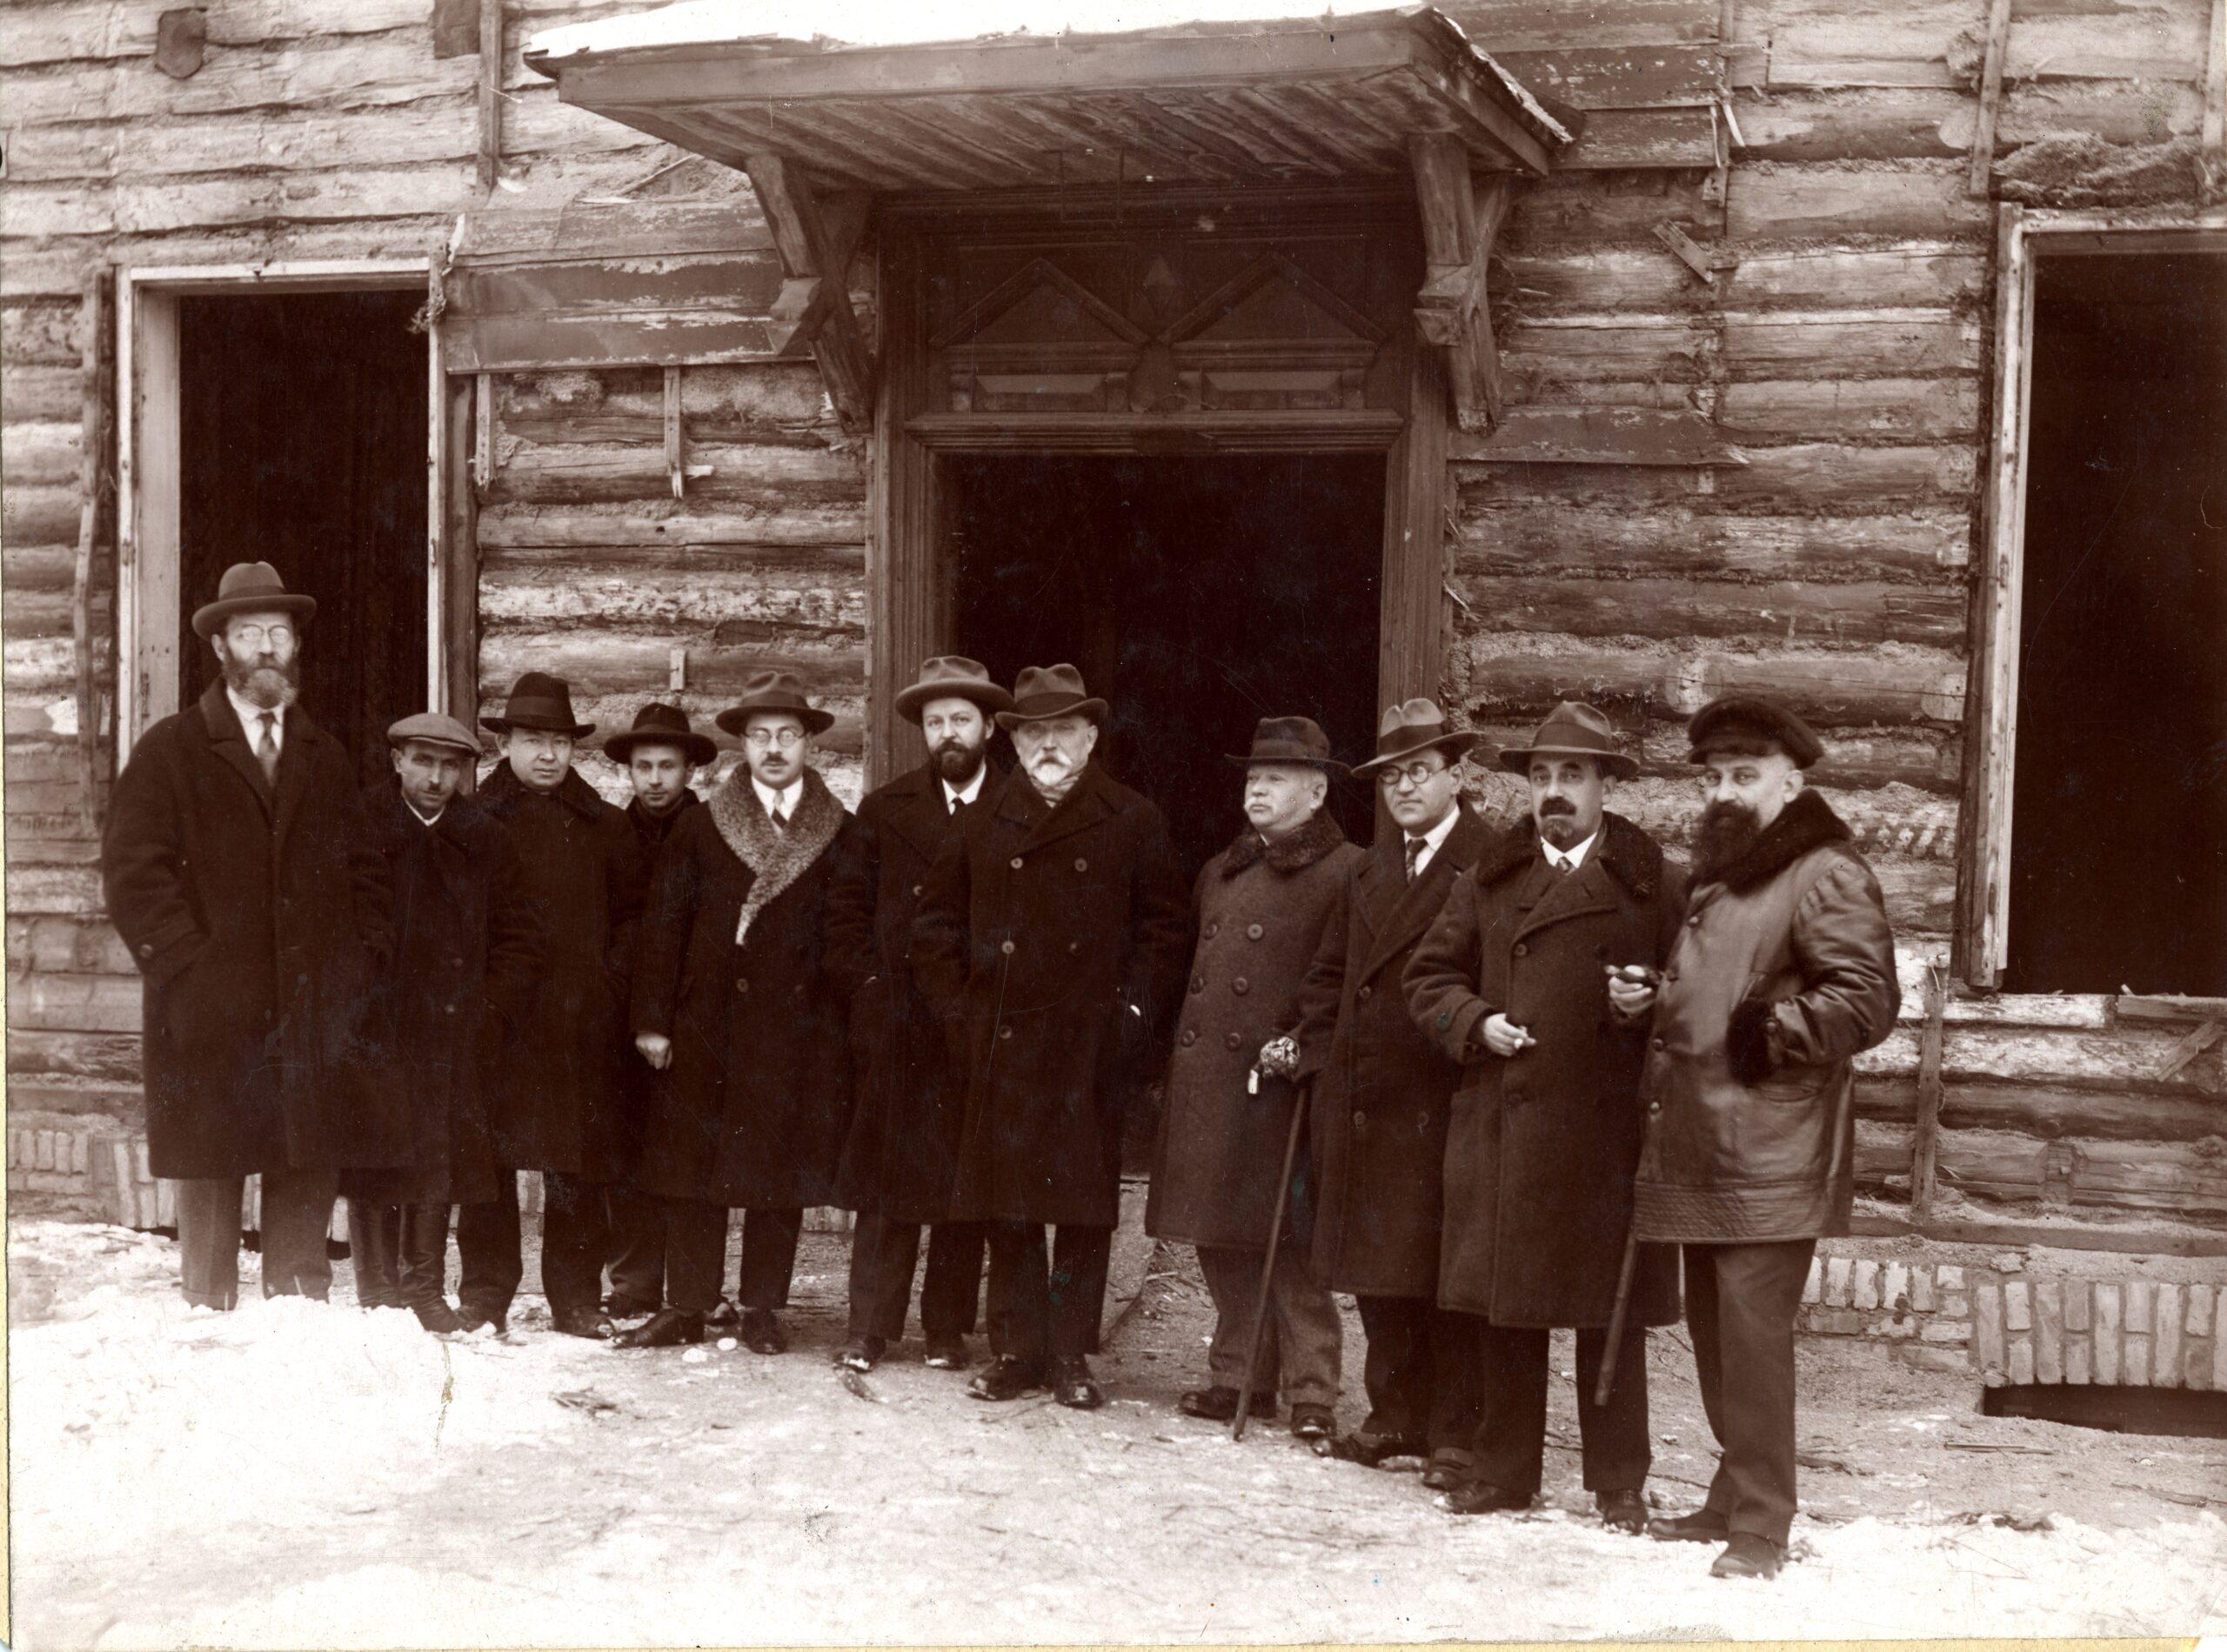 Grupelė žmonių prie medinio pastato.